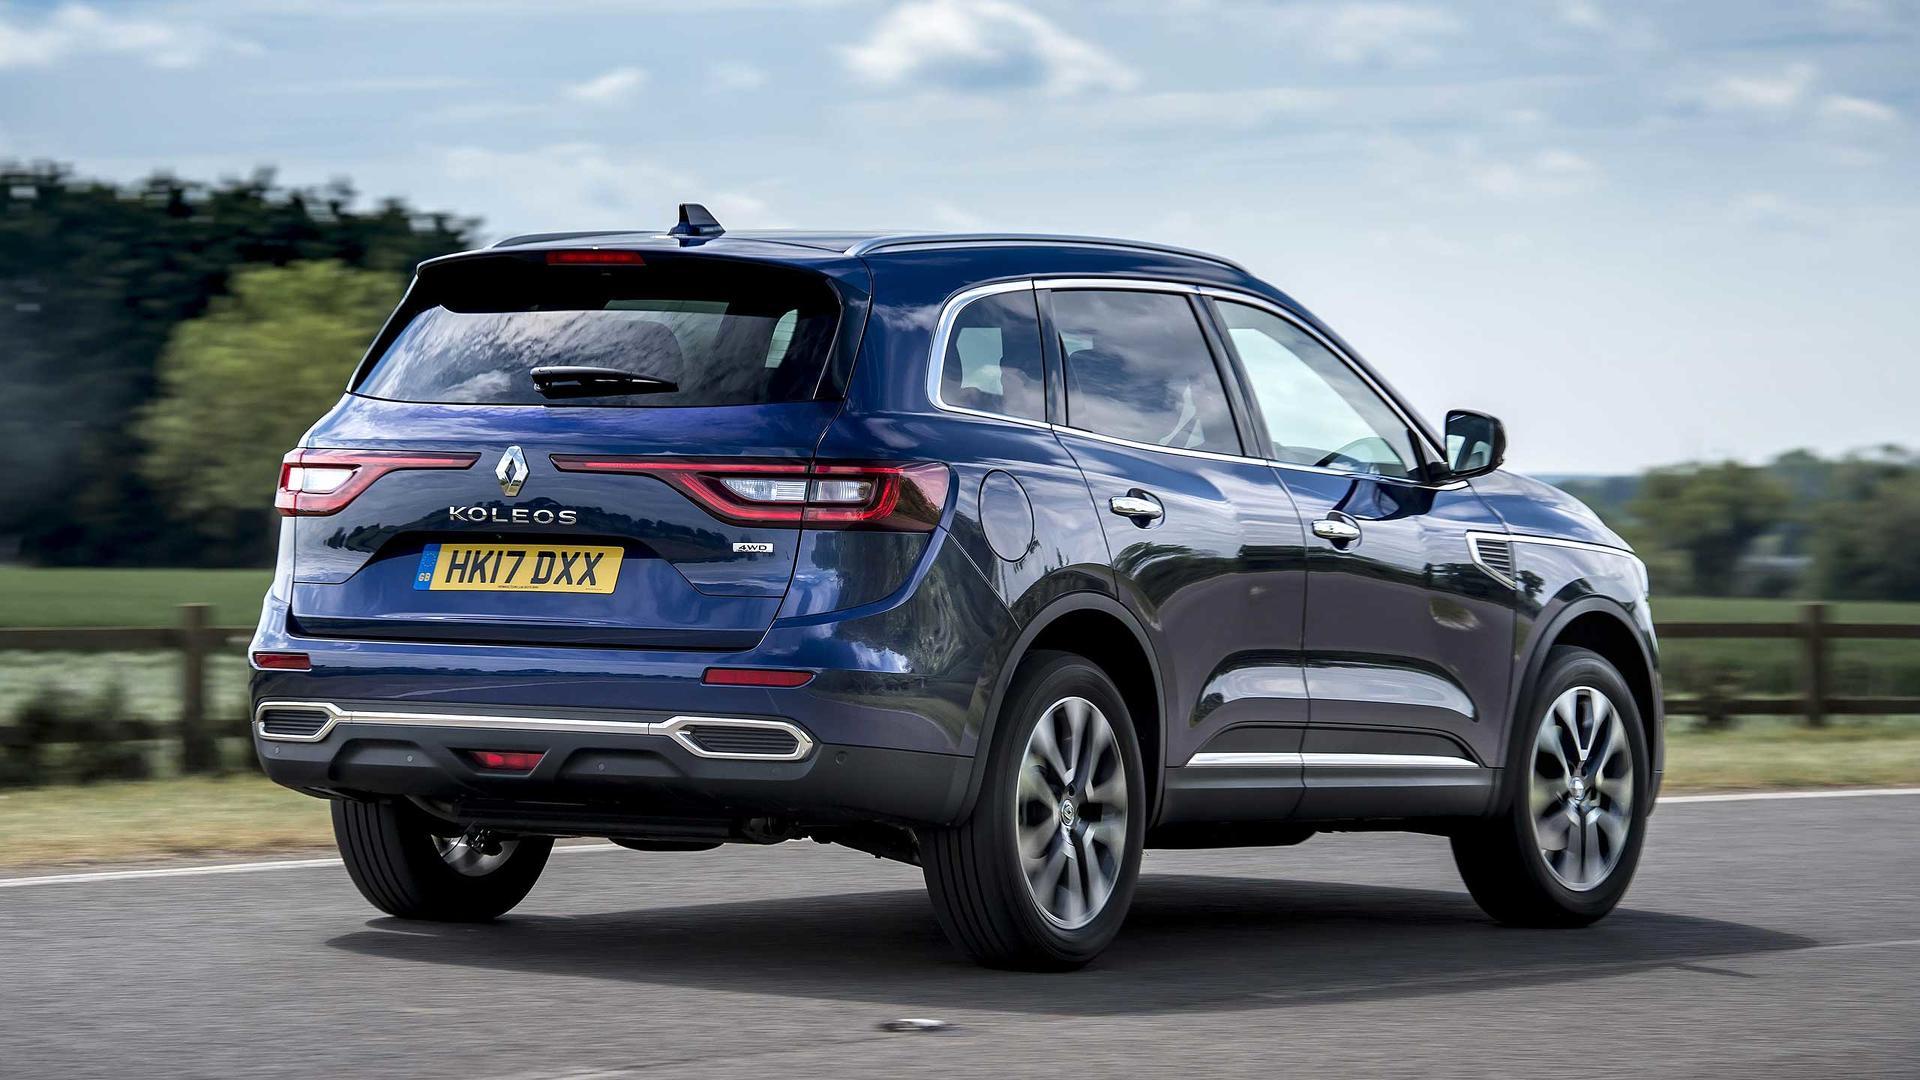 Adiado Para 2018 Renault Koleos Ganha 5 Estrelas Em Teste De Colisao